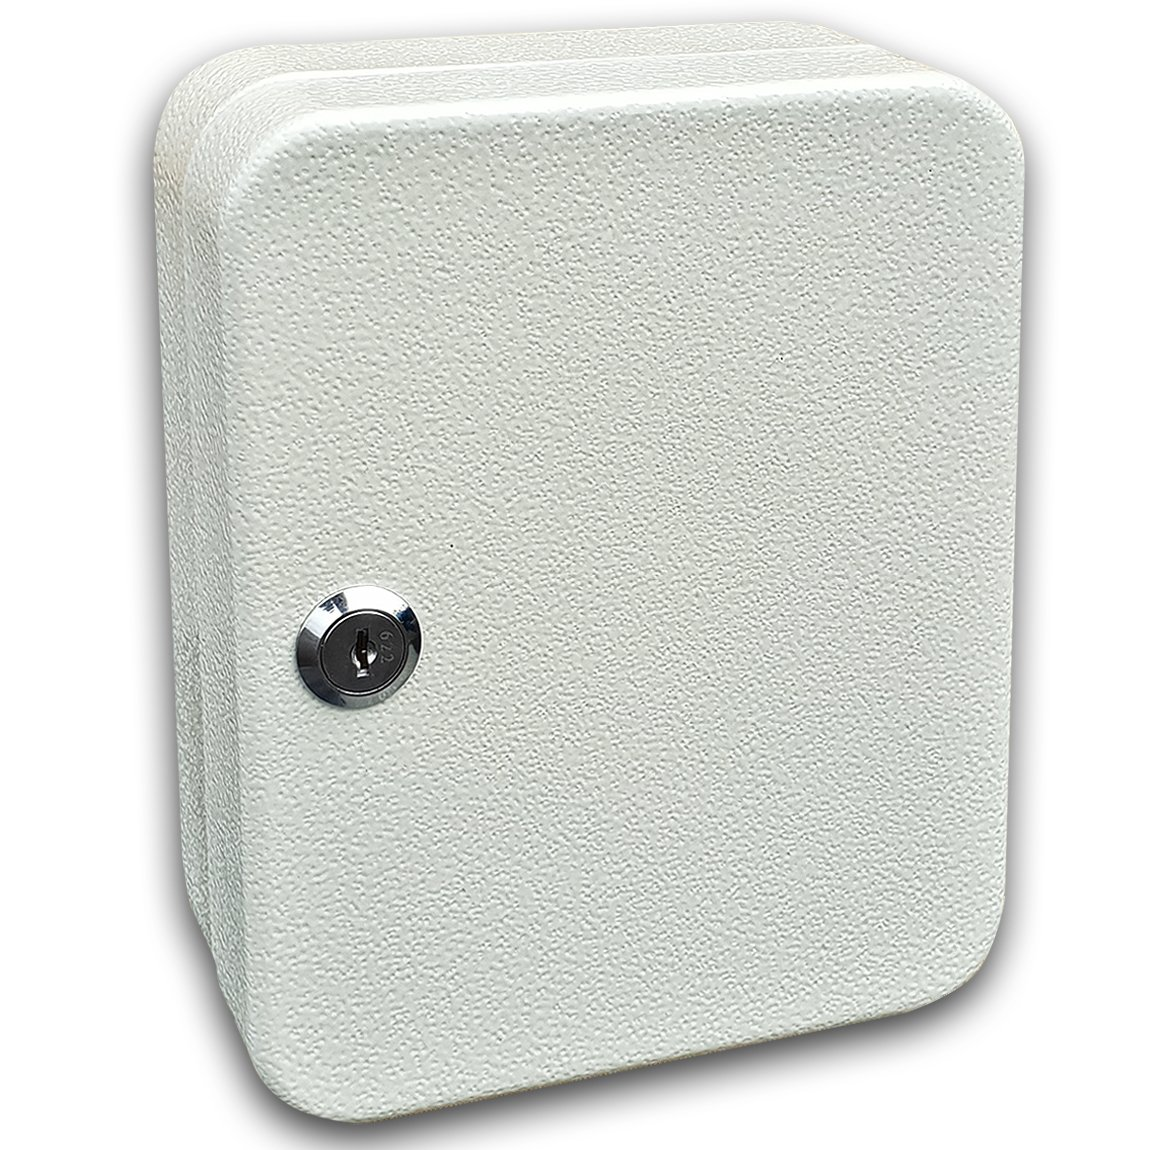 Para casa u oficina Con 20 ganchos e identificadores Futura/® Armario llavero de pared 200 mm x 160 mm x 70 mm